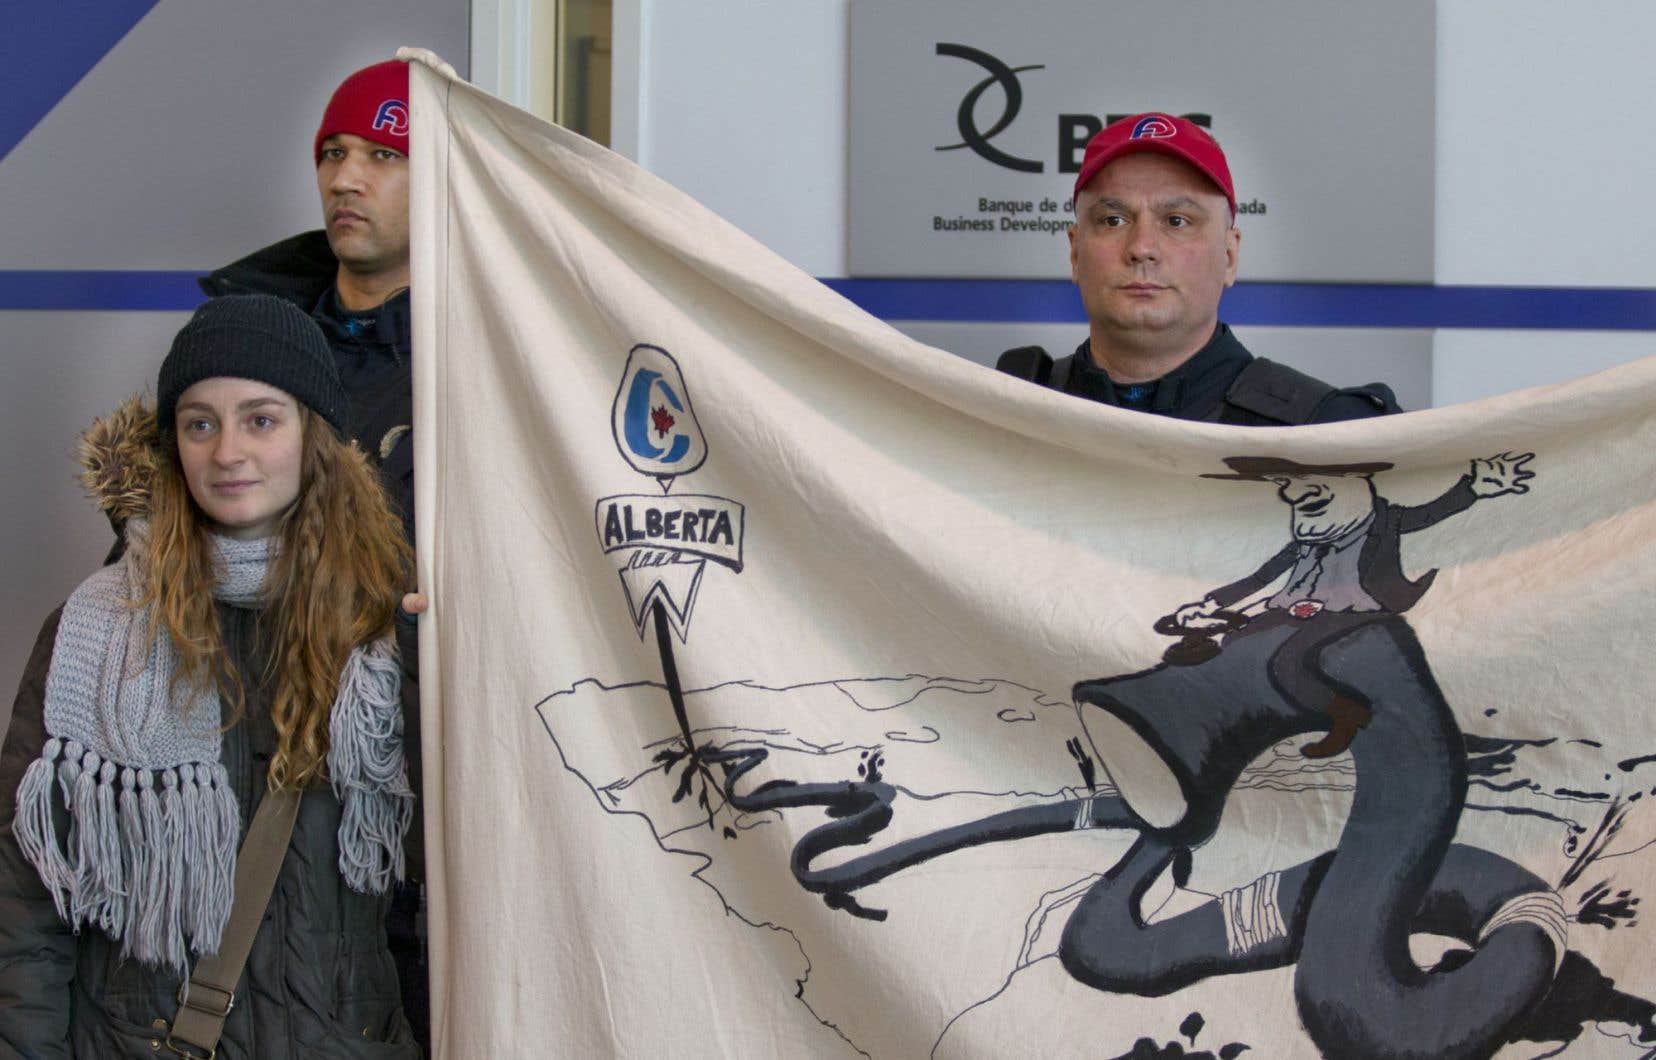 Des manifestants ont accueilli le président de l'Office national de l'énergie, Peter Watson, lors de son passage à HEC Montréal jeudi.